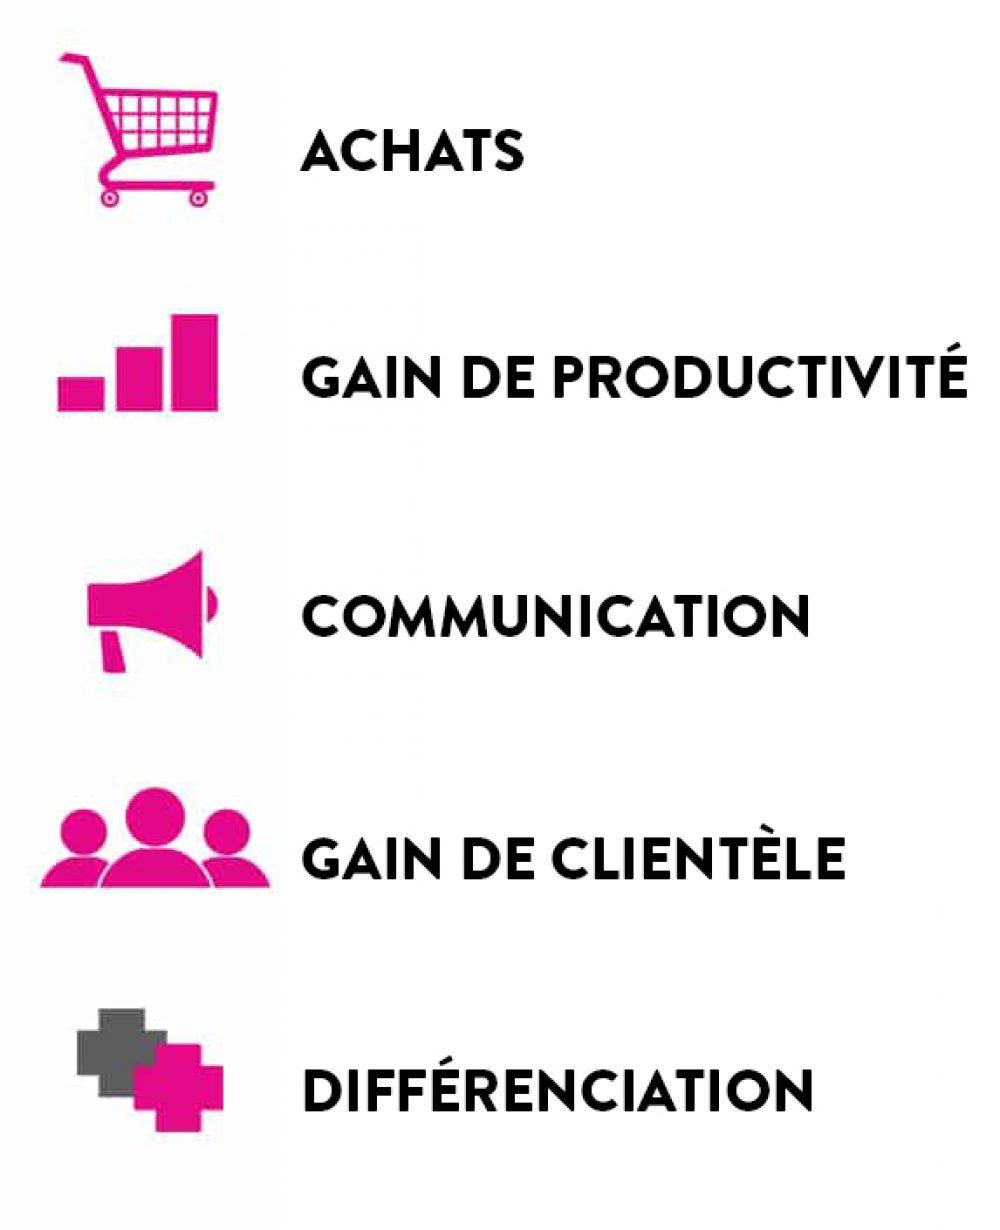 BOITE A OUTILS Groupe DL Santé Directlabo achat productivité communication clientèle patientèle officine pharmacie 2019